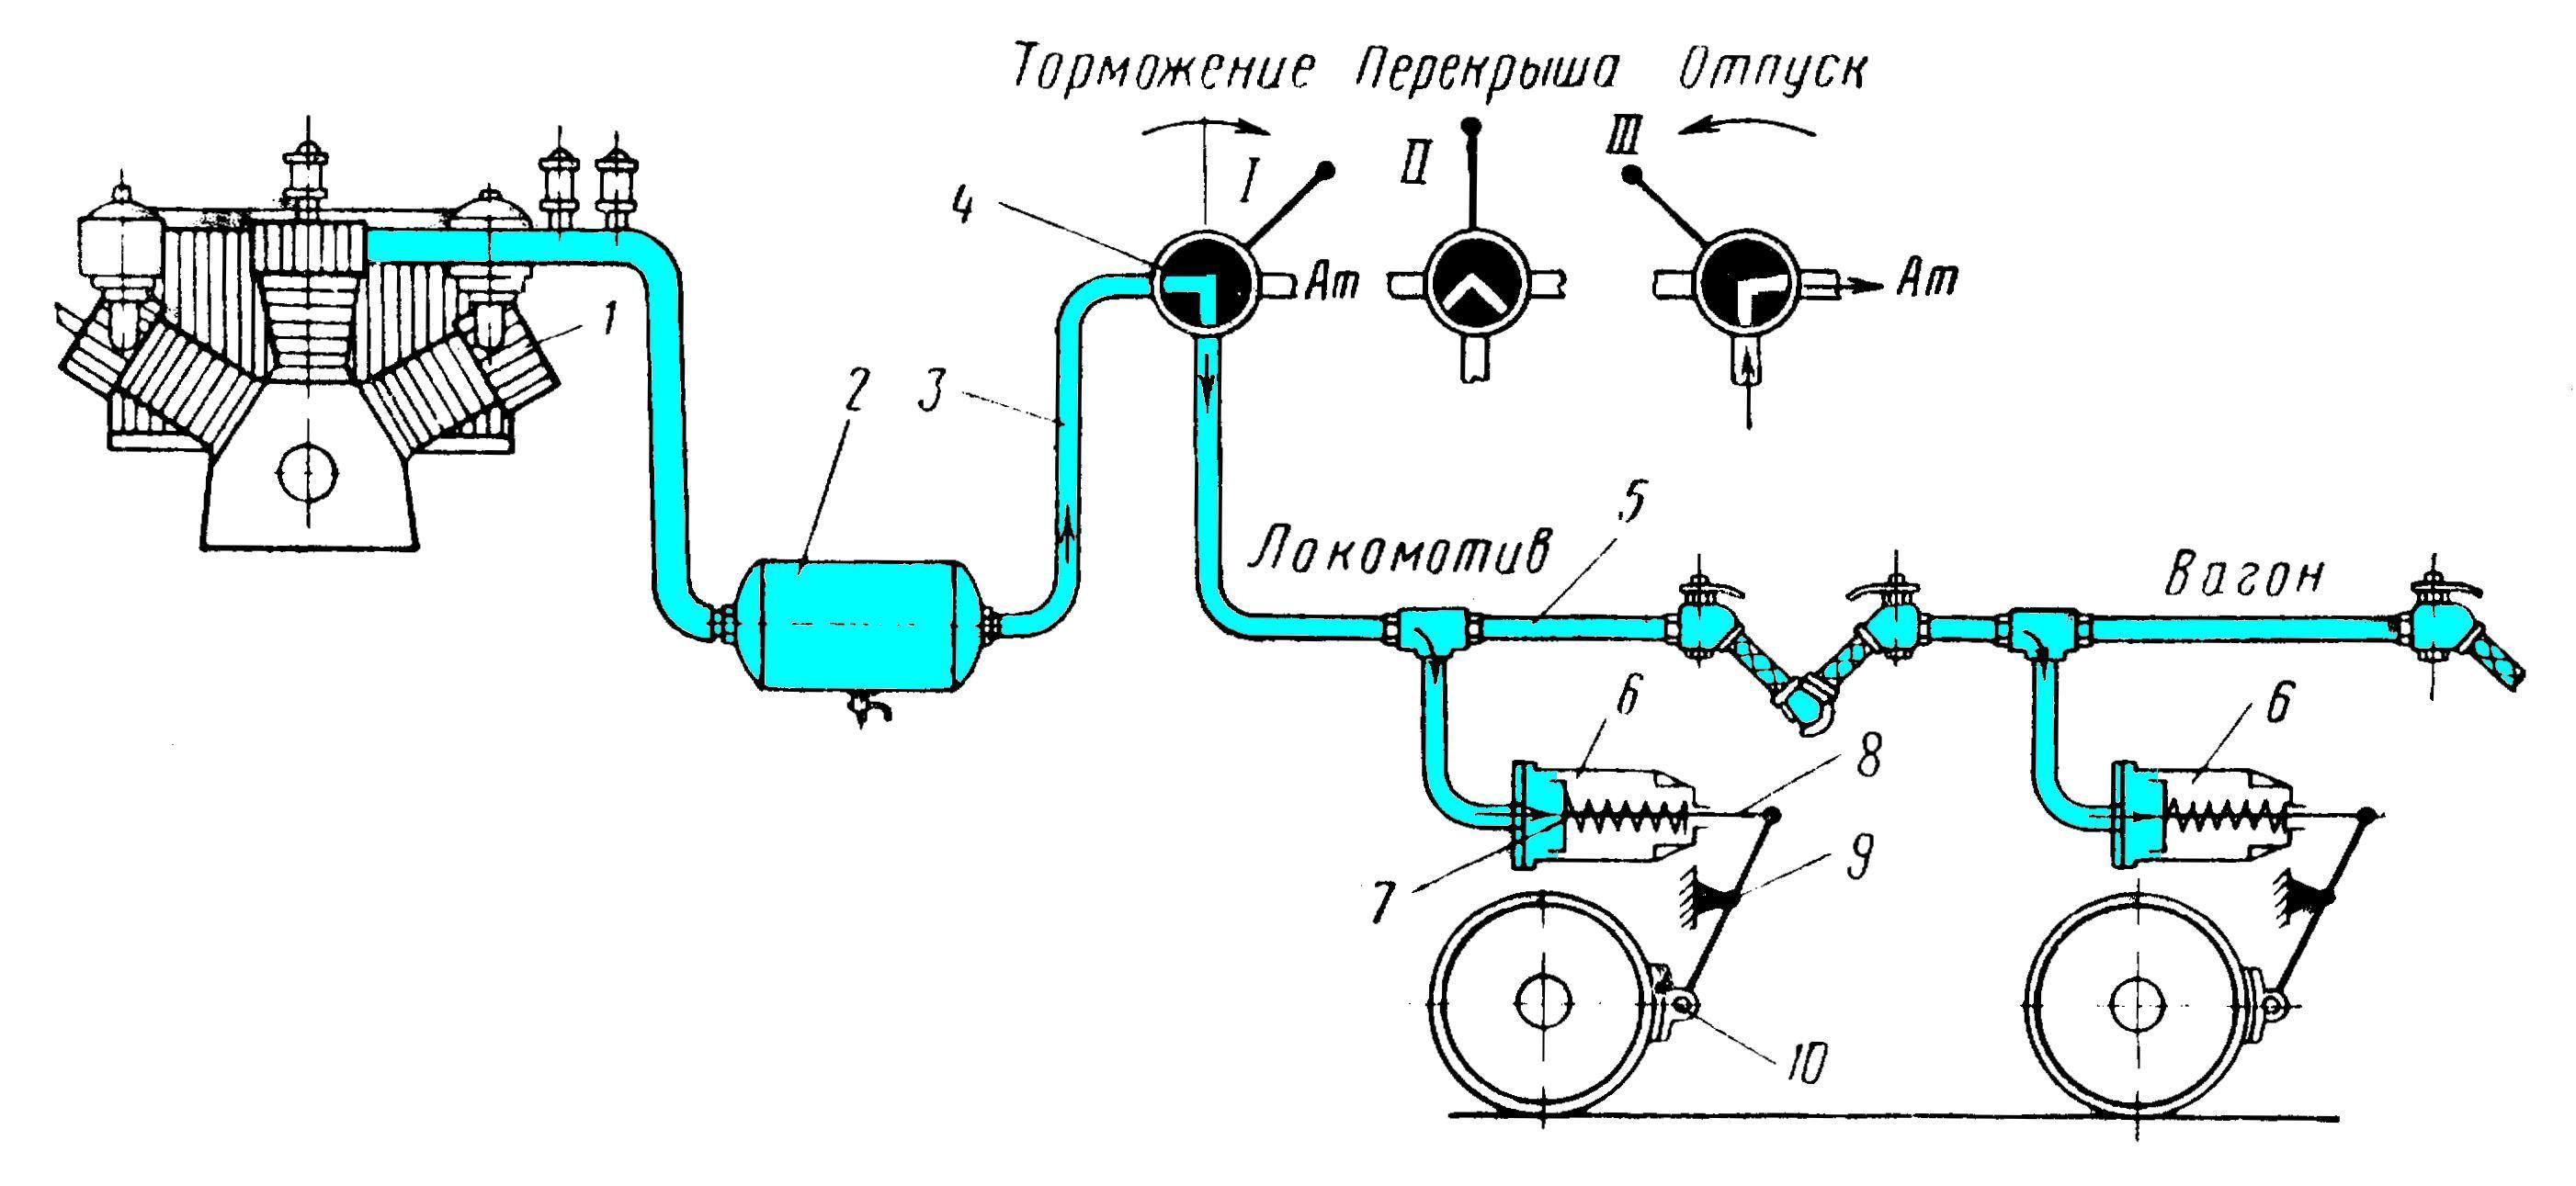 Тифон схема подключения